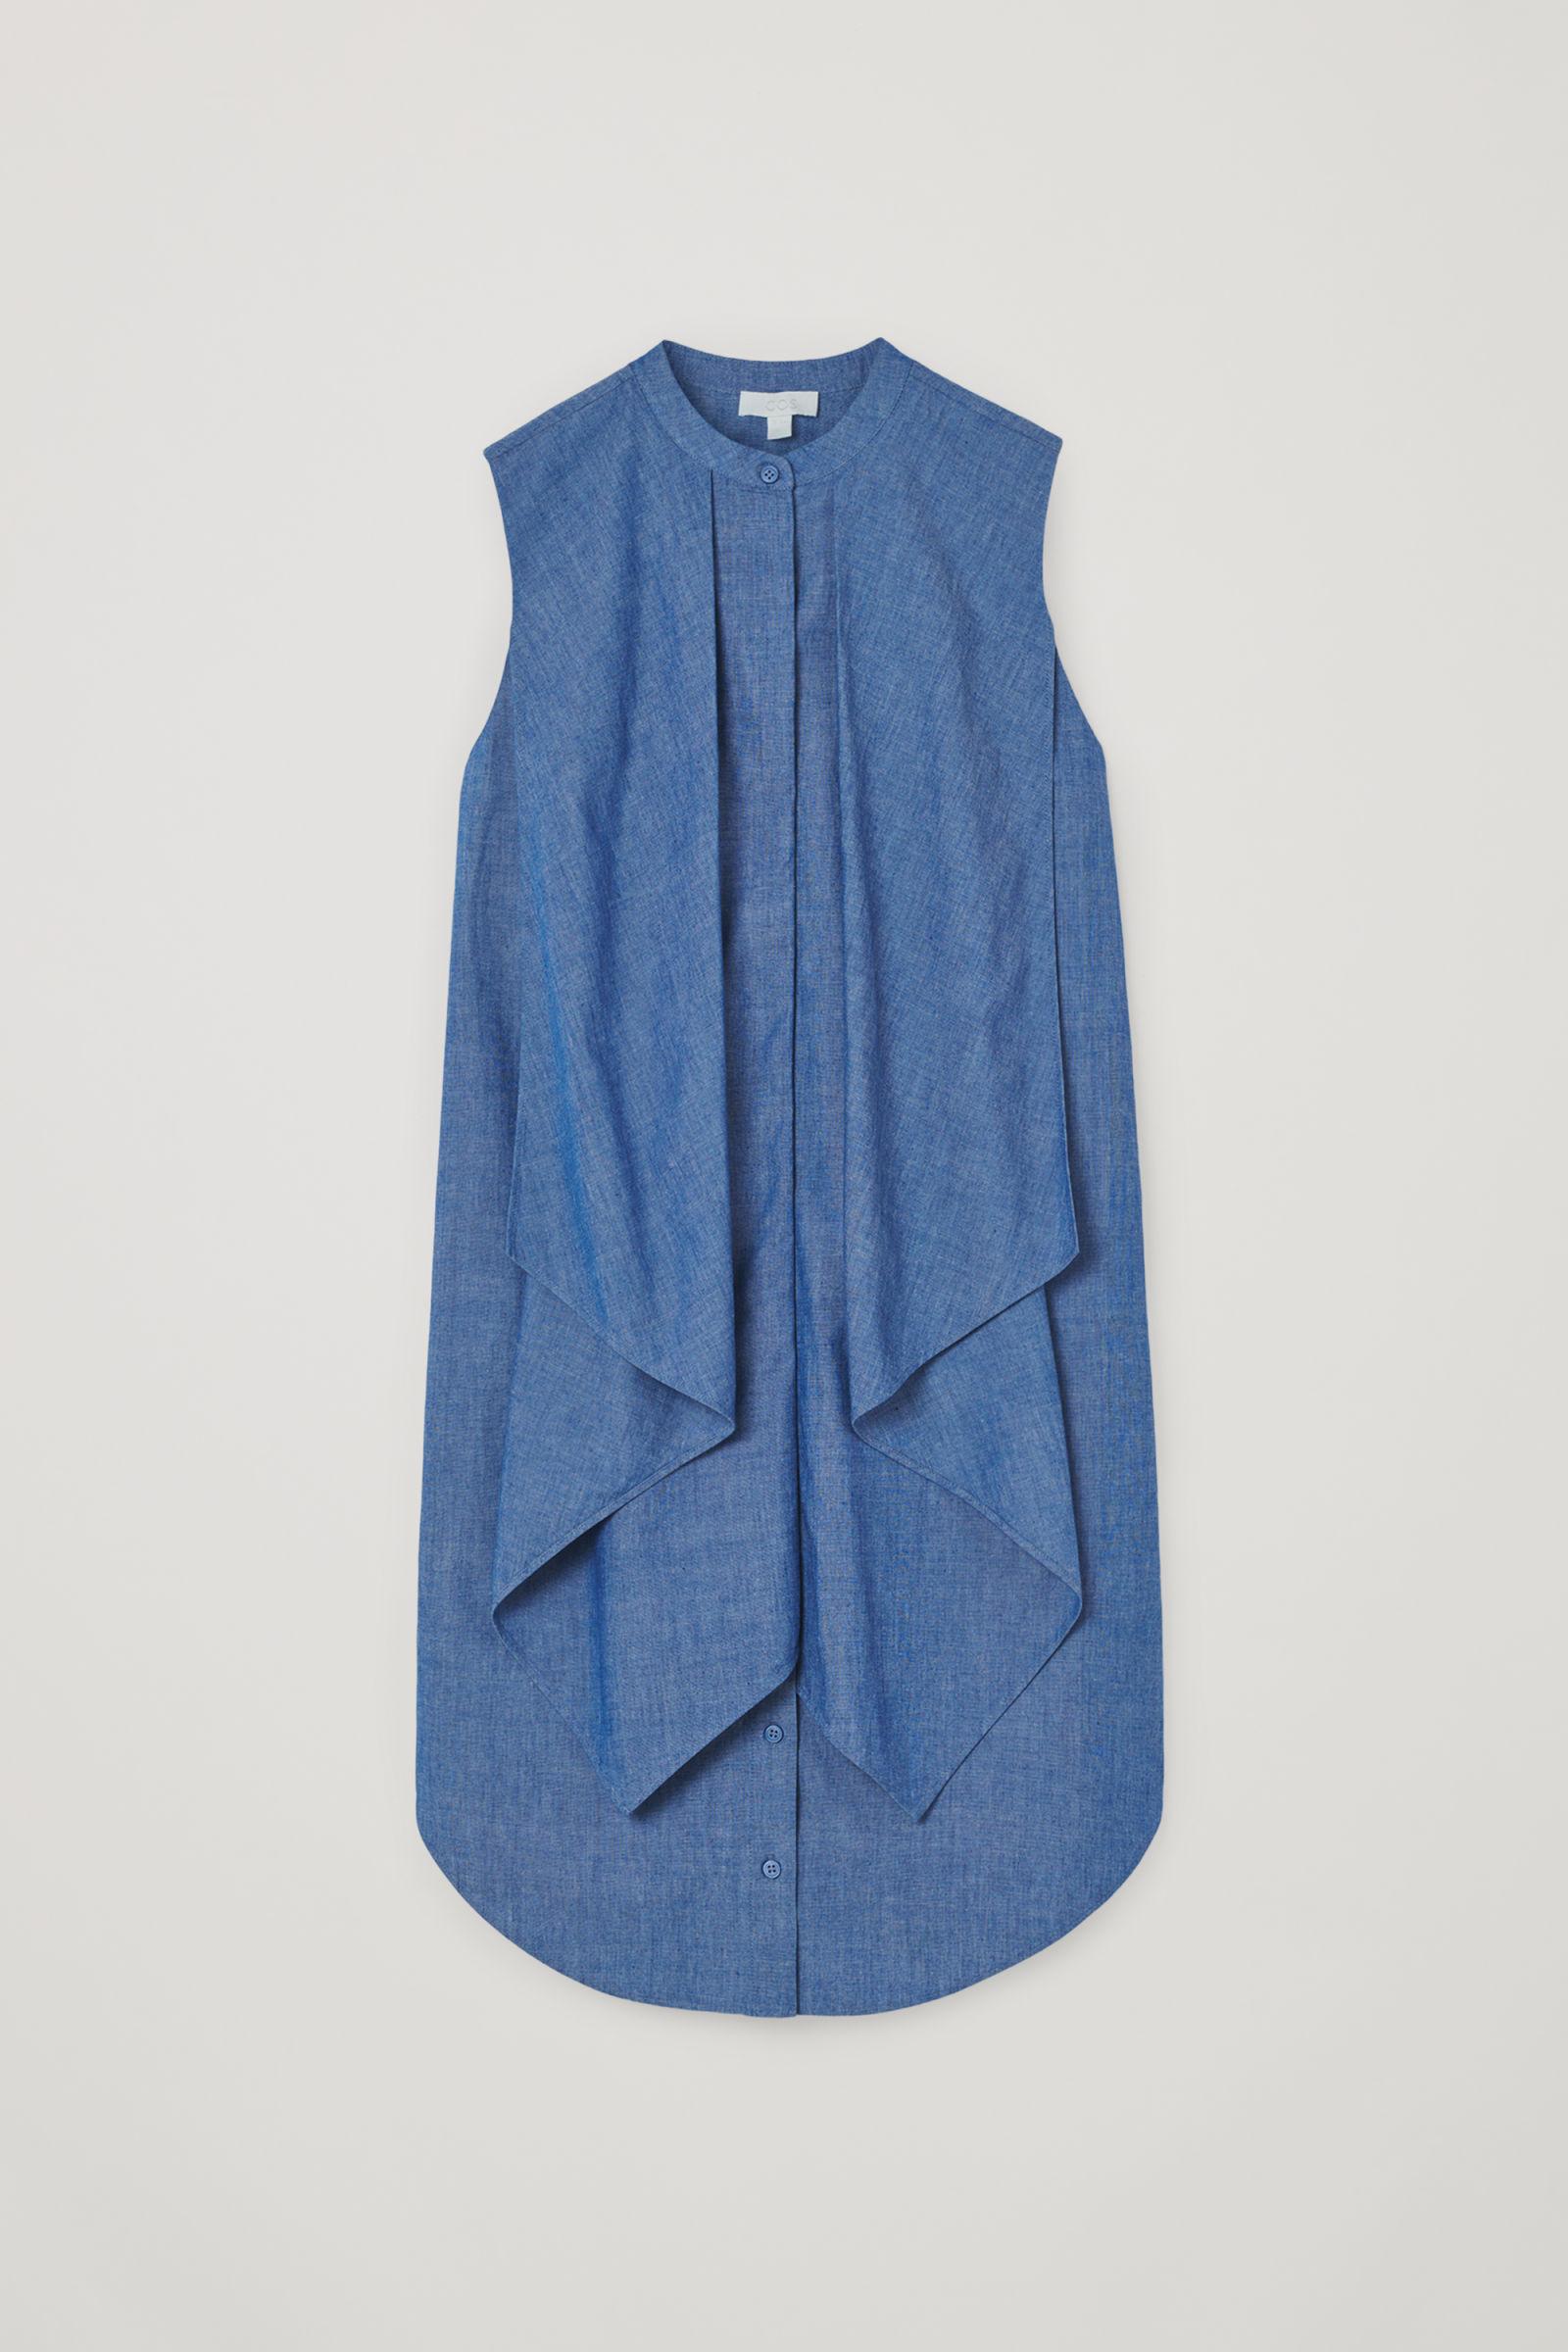 코스 청 민소매 원피스 COS ORGANIC COTTON RUFFLED DENIM DRESS,Blue